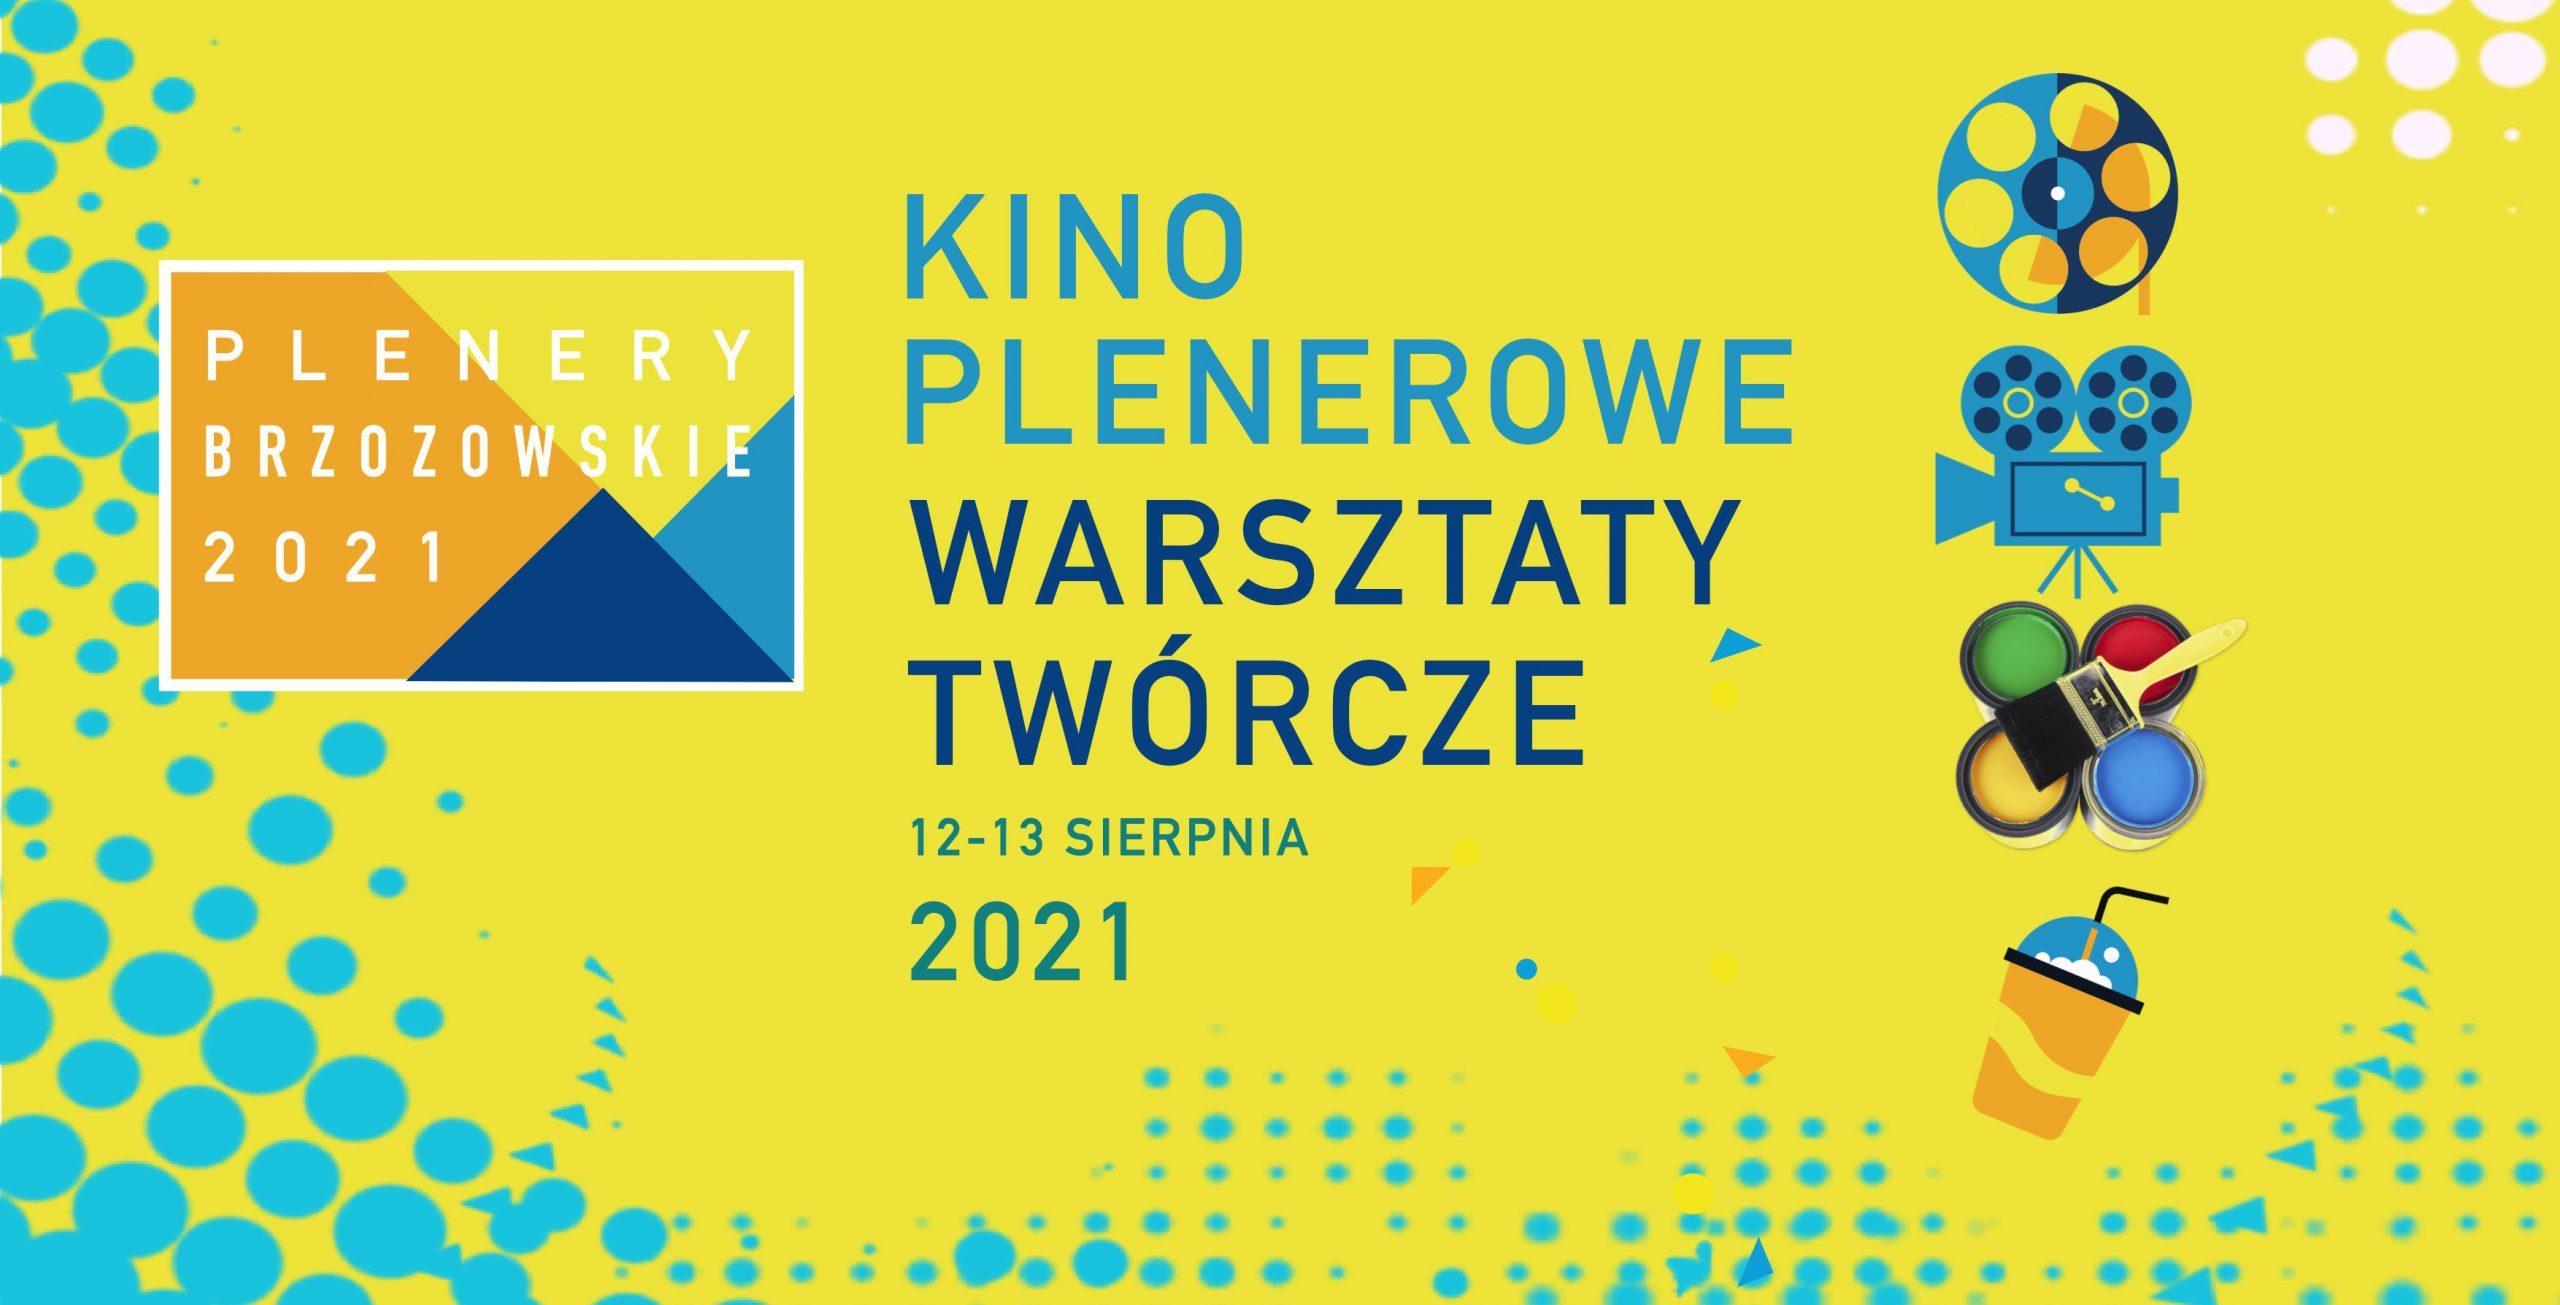 KINO PLENEROWE_hd